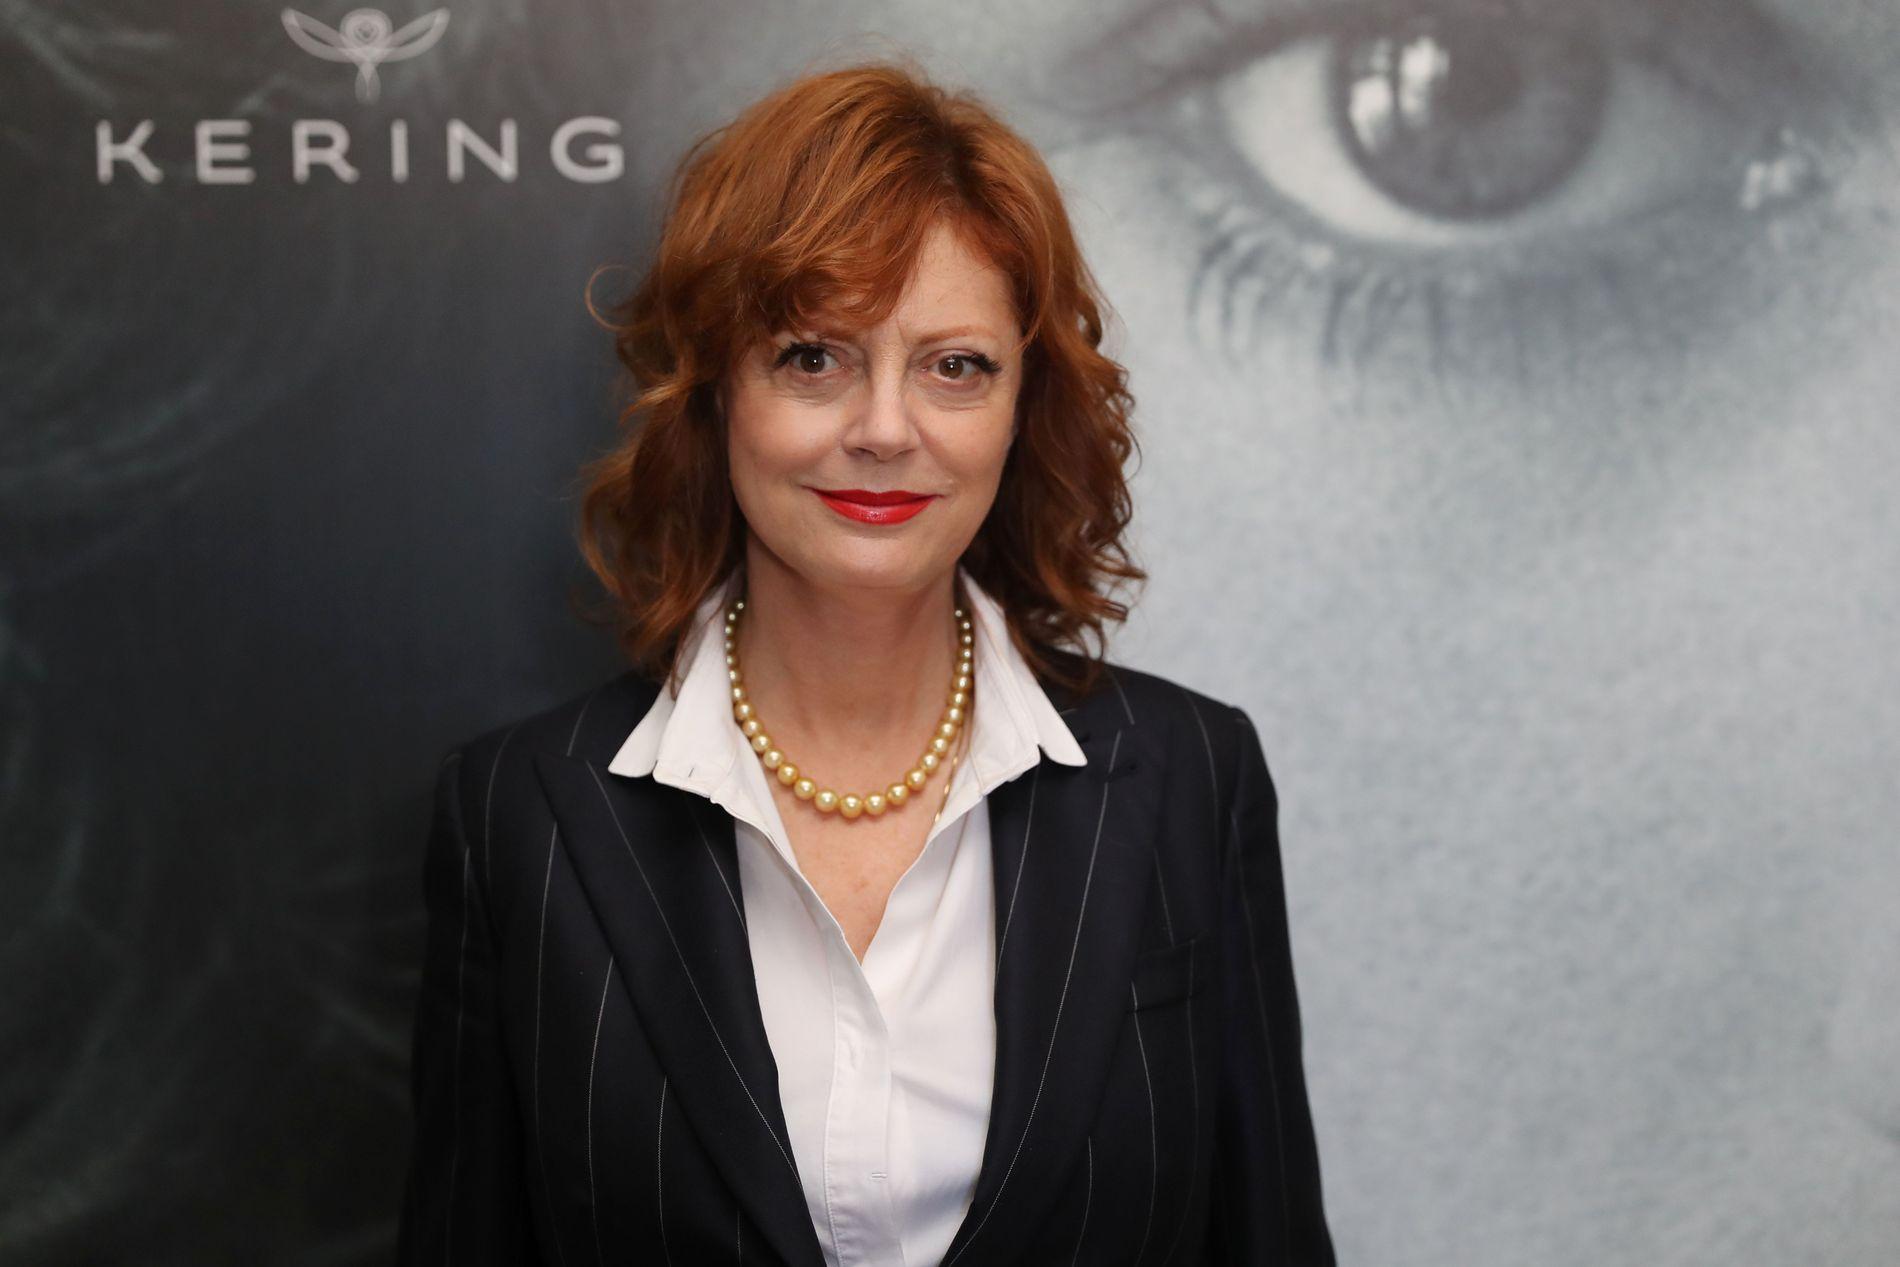 KVINNEROLLER: Susan Sarandon var i Cannes for å snakke om kvinner i film. Her på rød løper 12. mai.